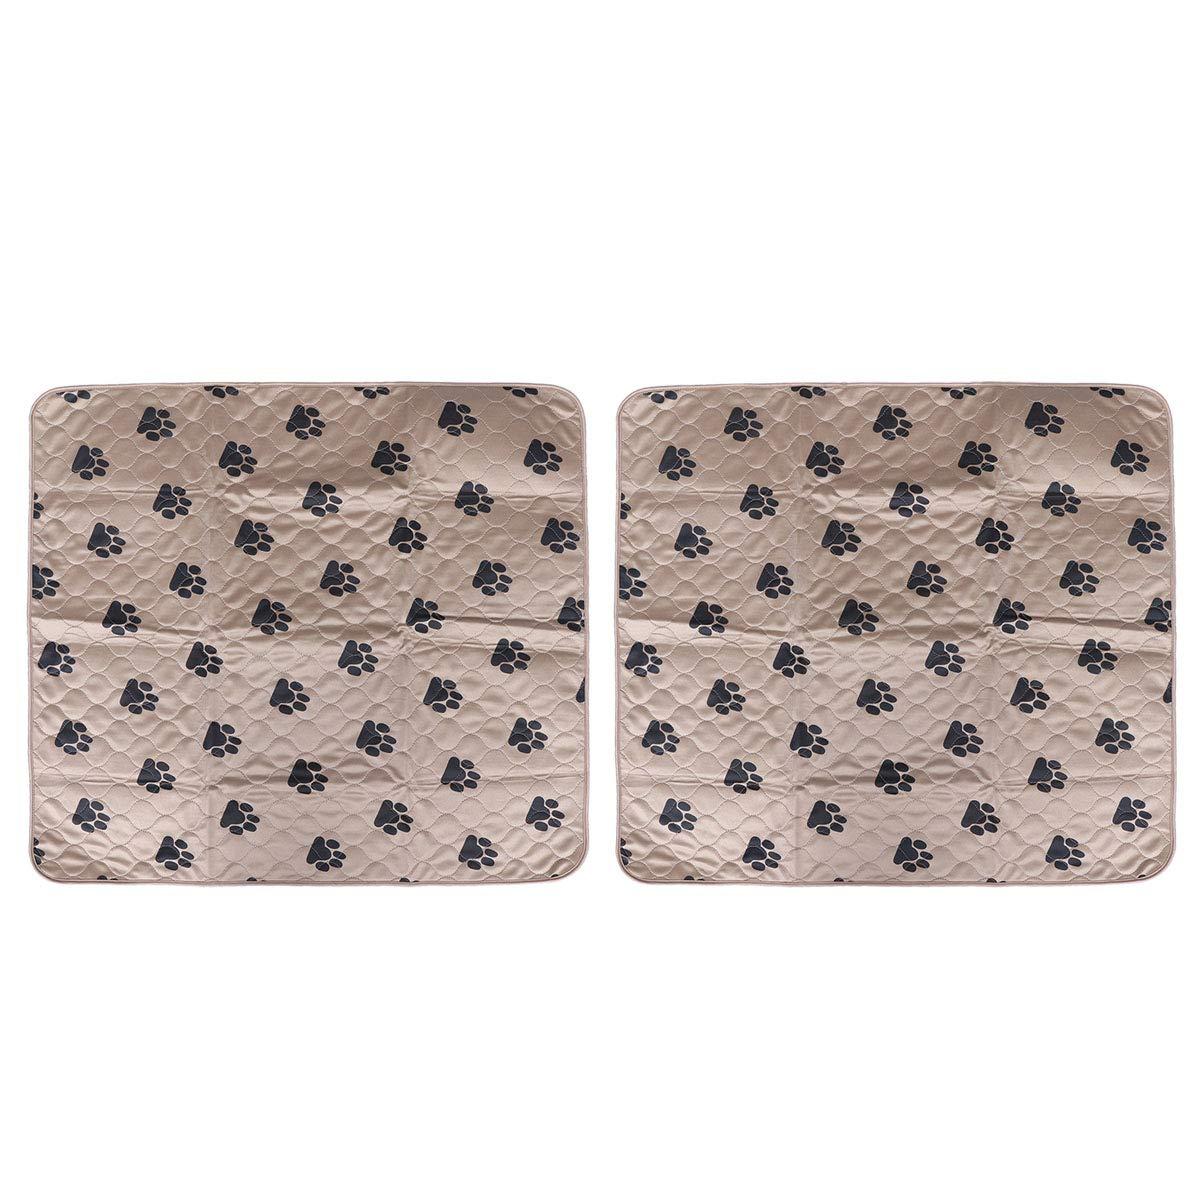 80x90 CM Marr/ón Empapadores para Mascotas Reutilizables y Absorci/ón R/ápida POPETPOP 2 Unidades Alfombras de Adiestramiento Lavable para Perros